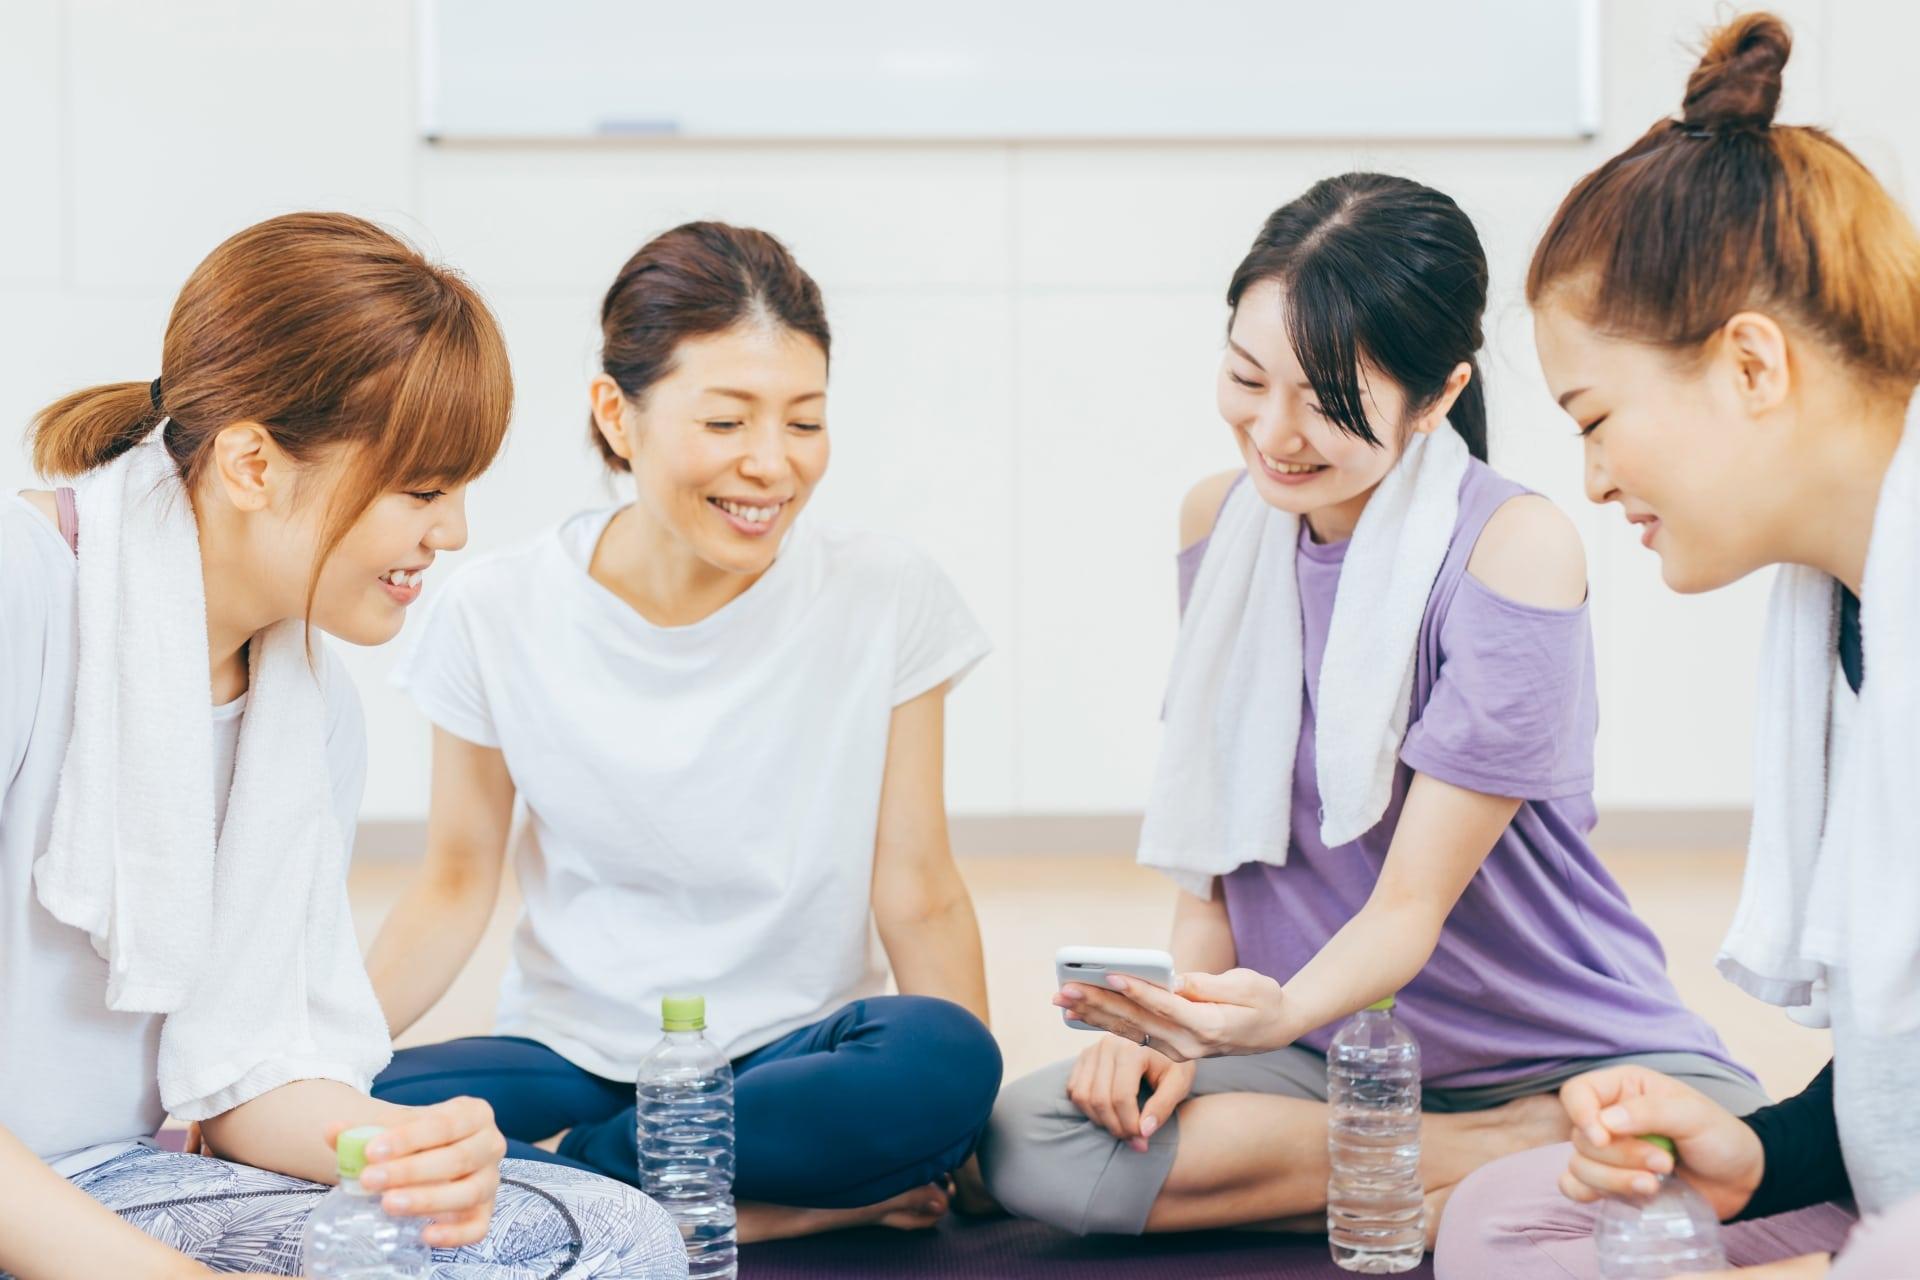 スマホを見て談笑する女性たち